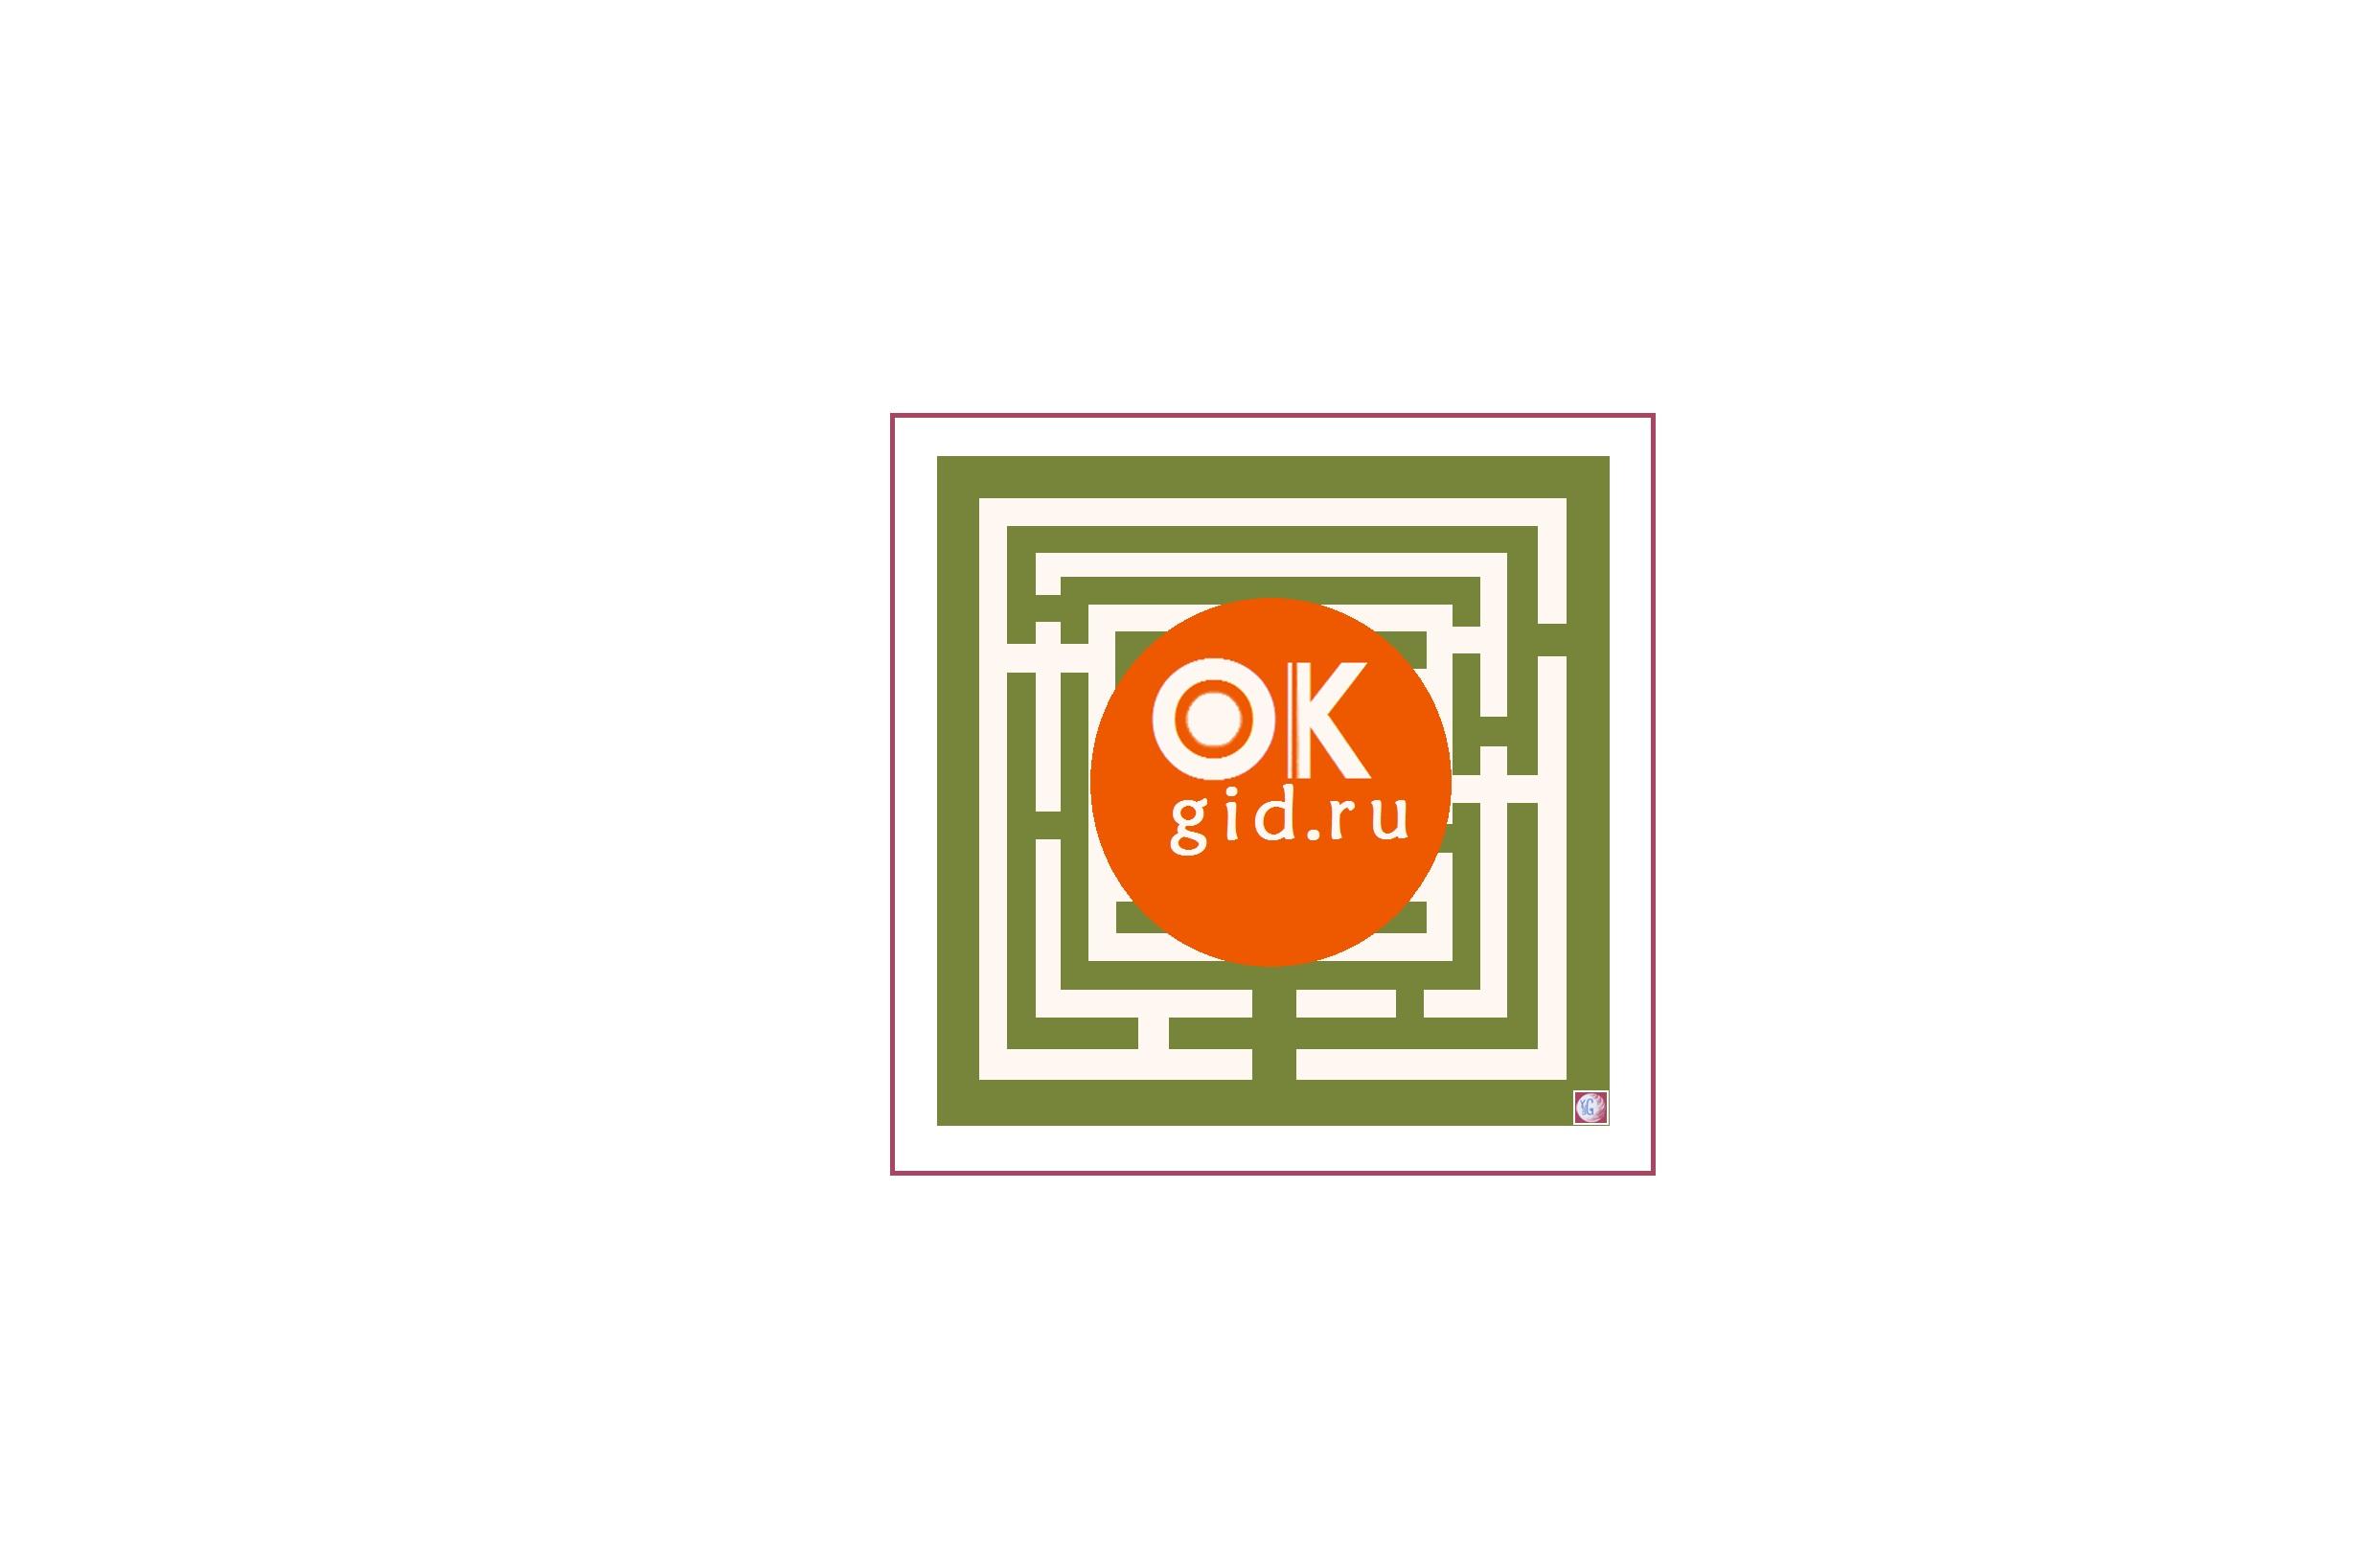 Логотип для сайта OKgid.ru фото f_64757c4a4d43c3da.jpg